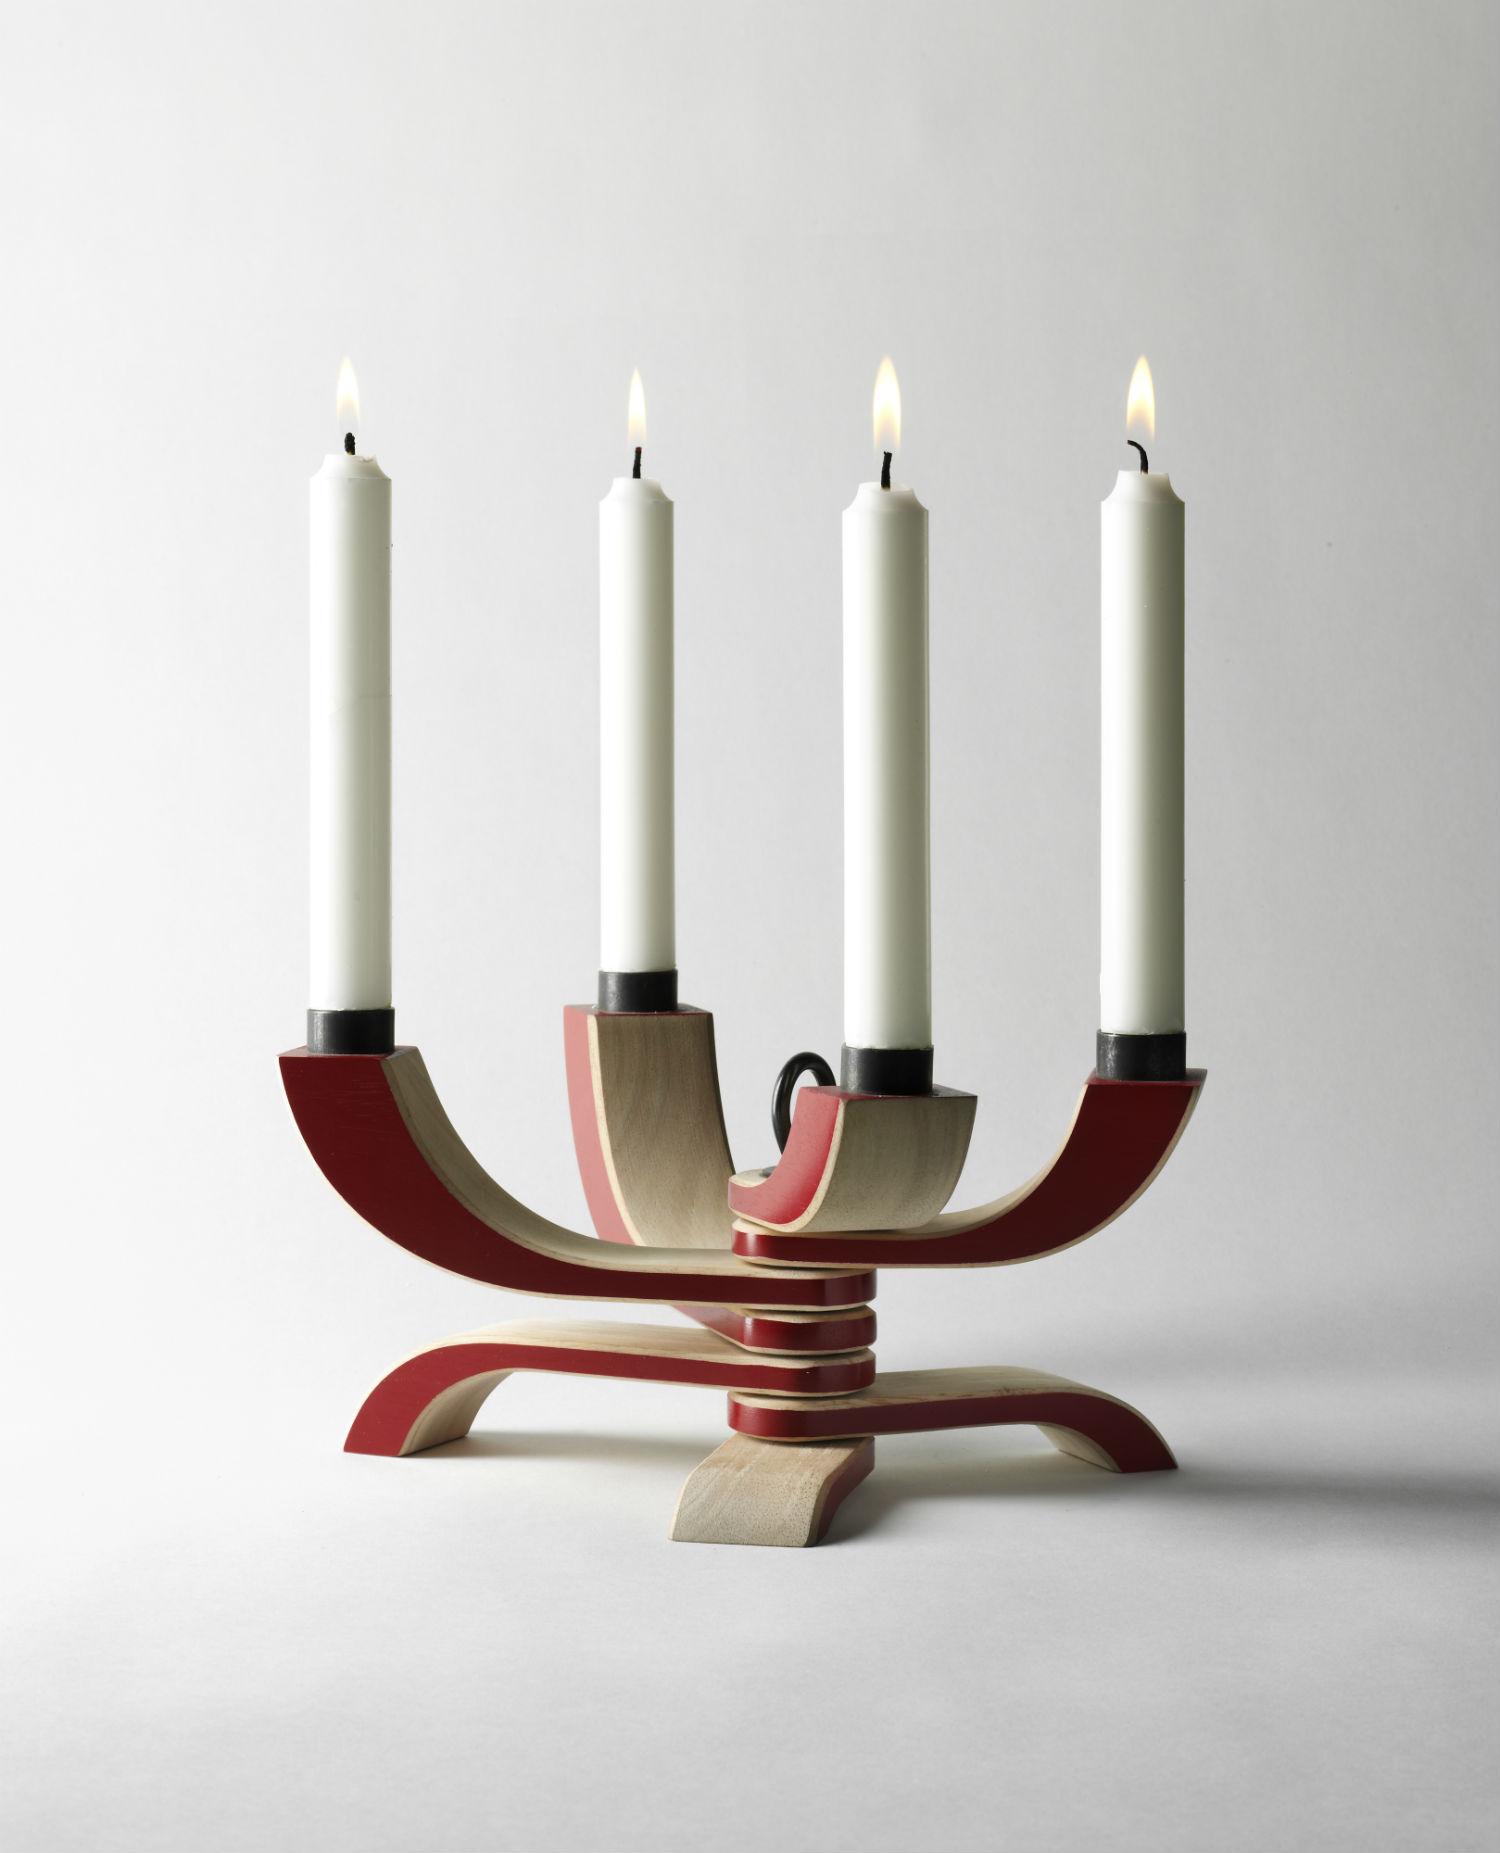 Chandelier-bougeoir-design-nordic-light-05